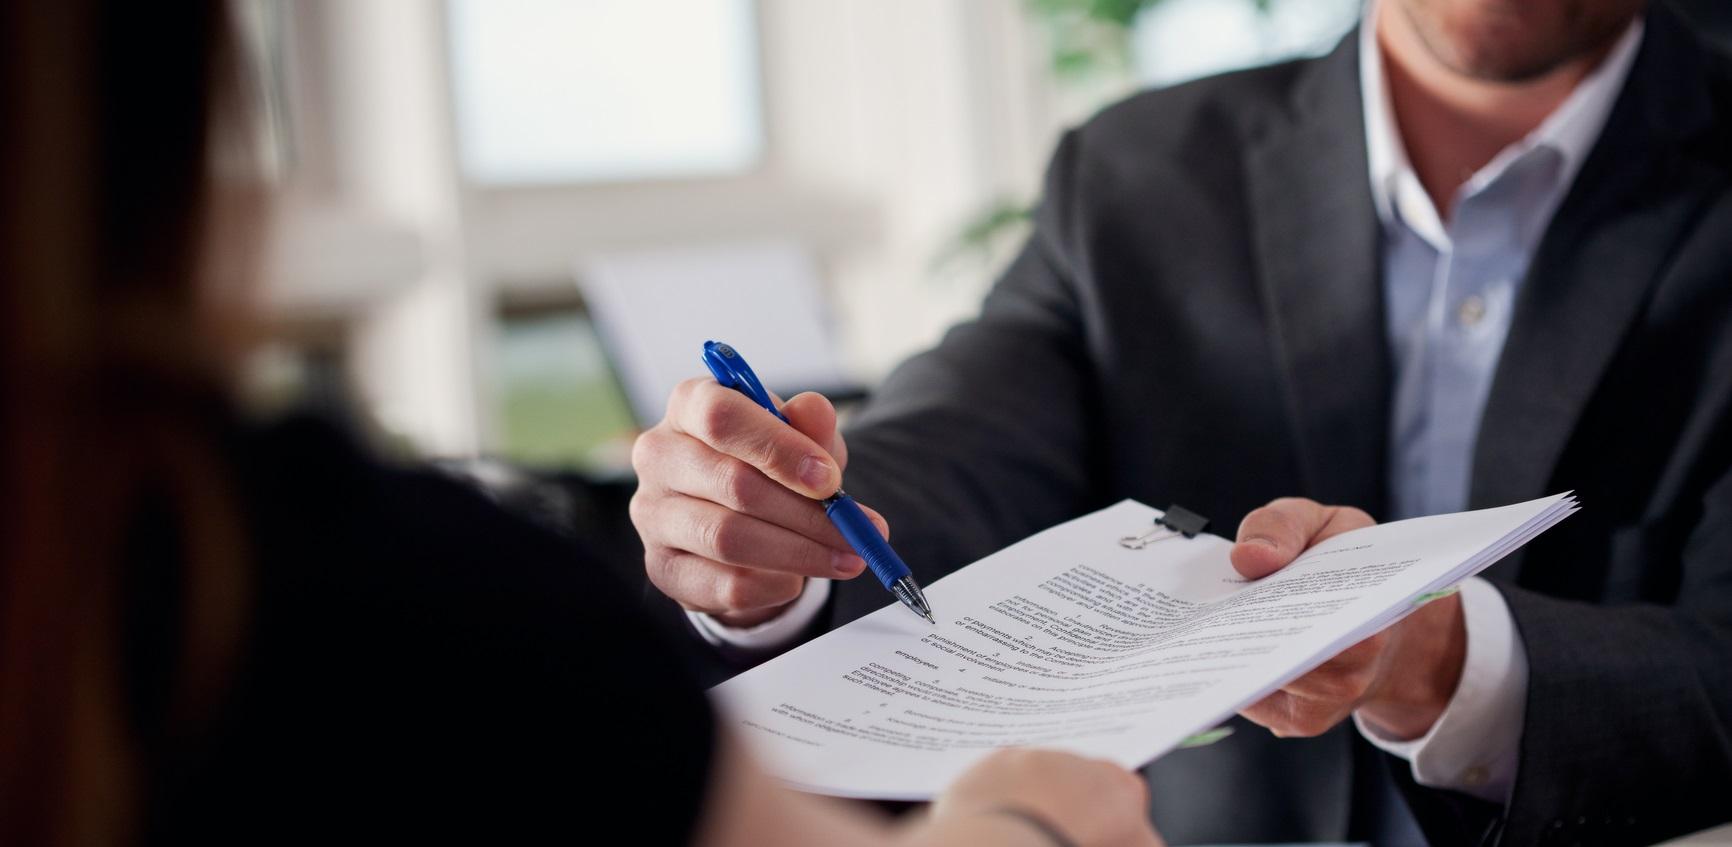 Contrat de prestation de services : les clauses et obligations